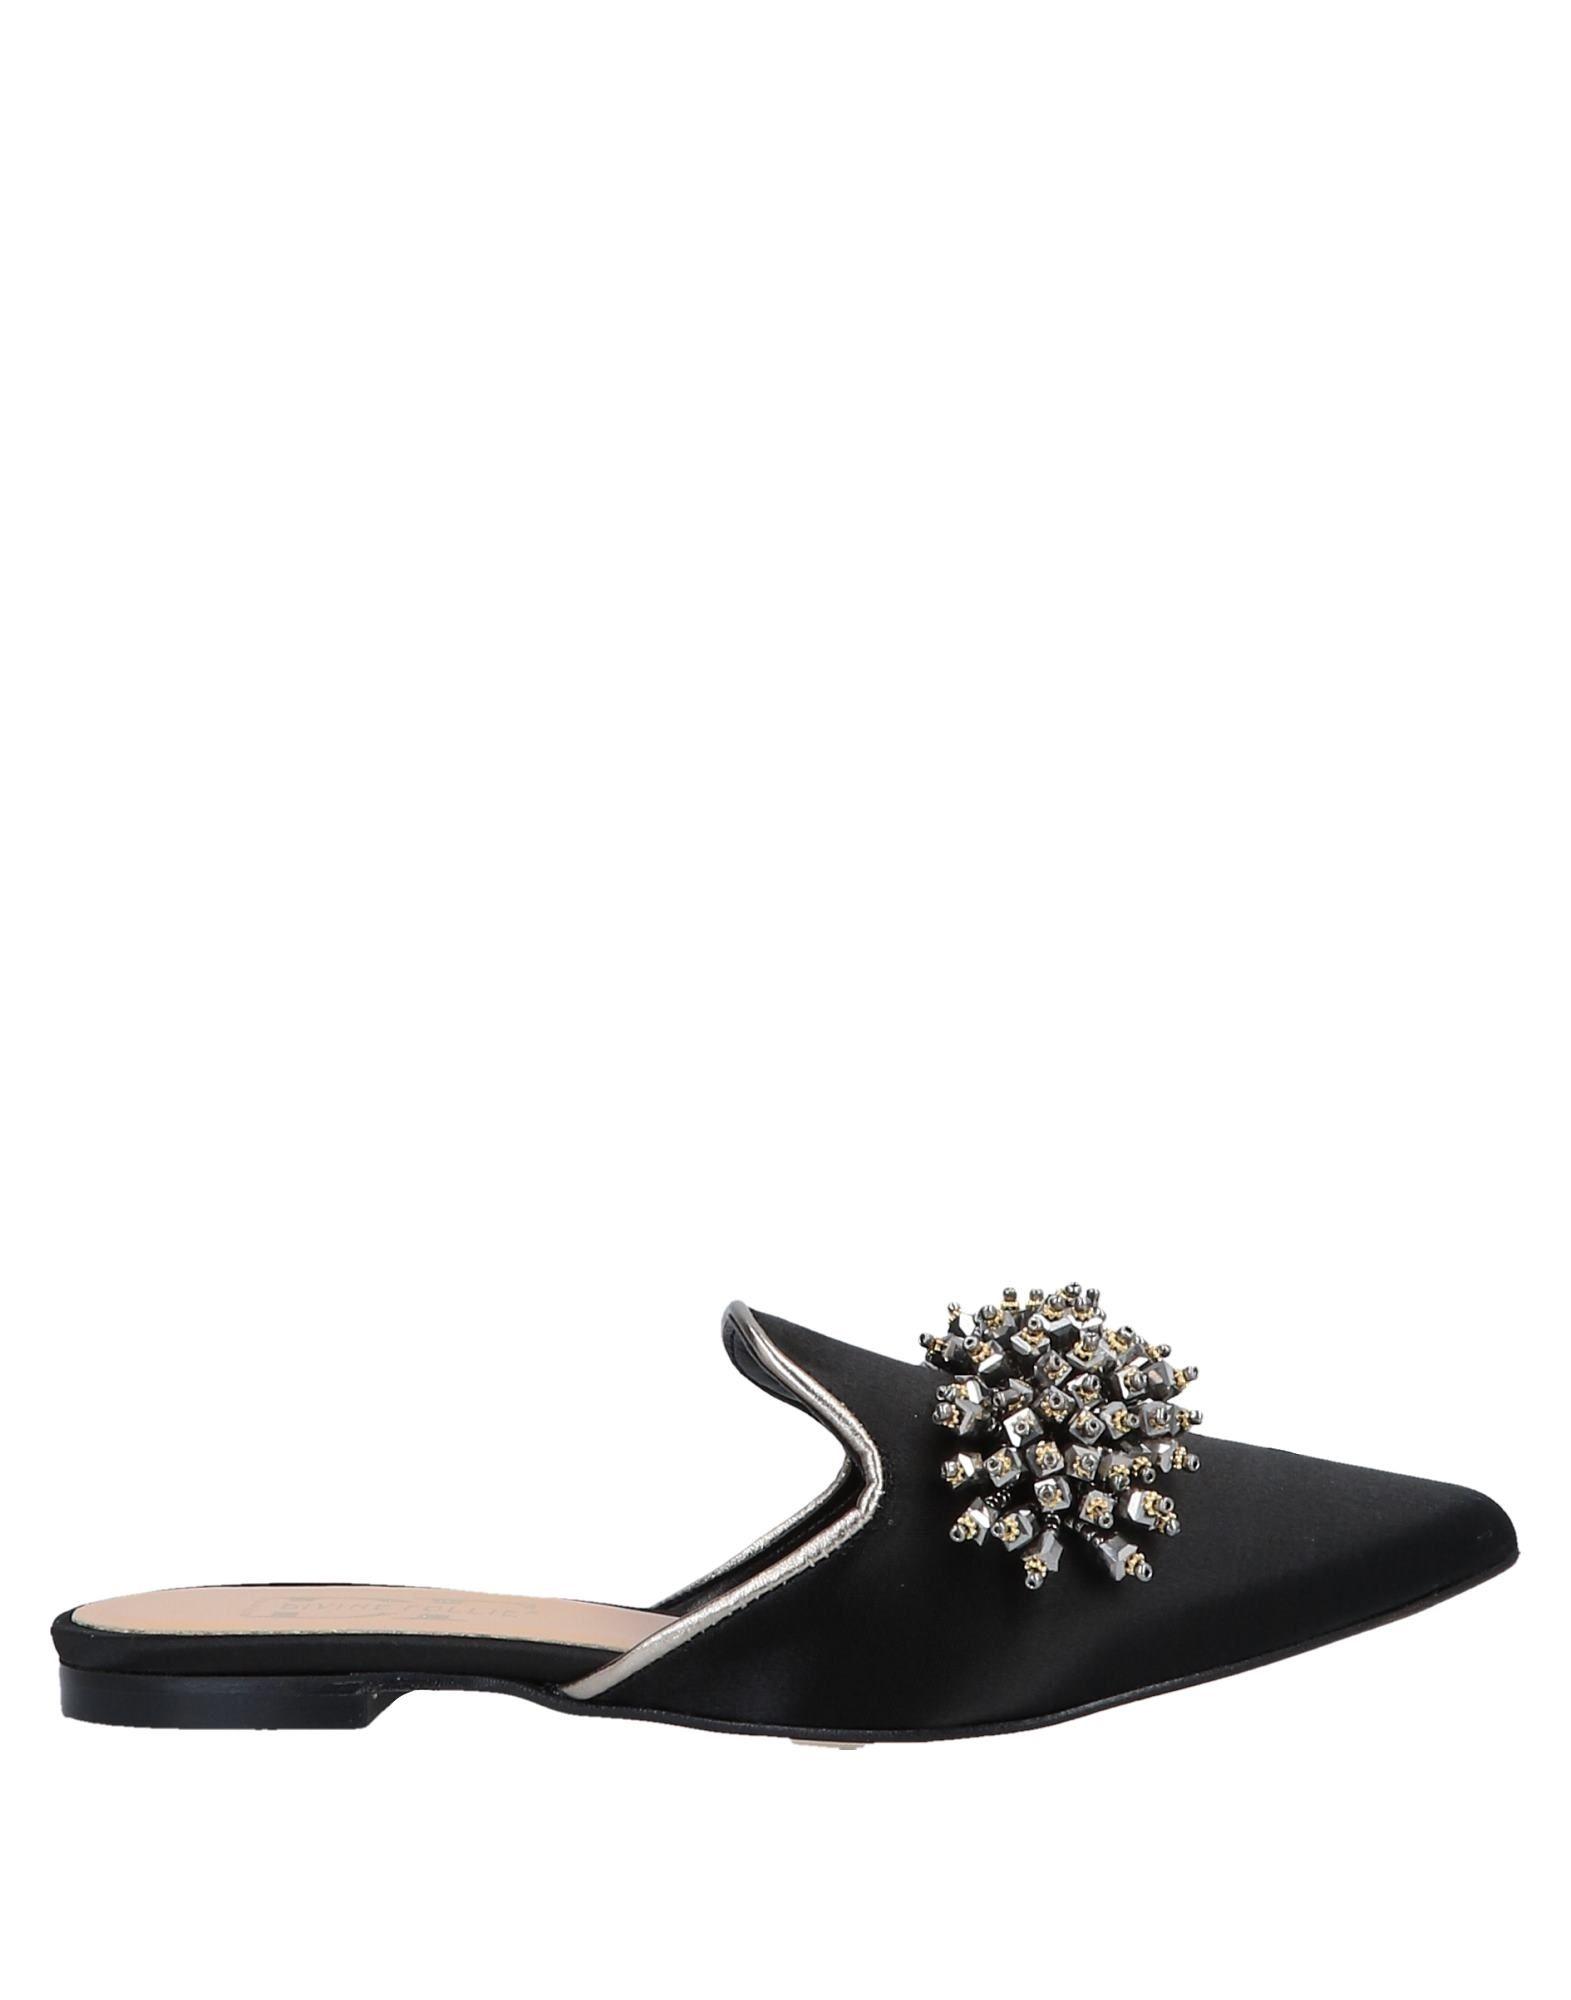 Divine Follie Pantoletten Damen beliebte  11563515JL Gute Qualität beliebte Damen Schuhe 2fe4de